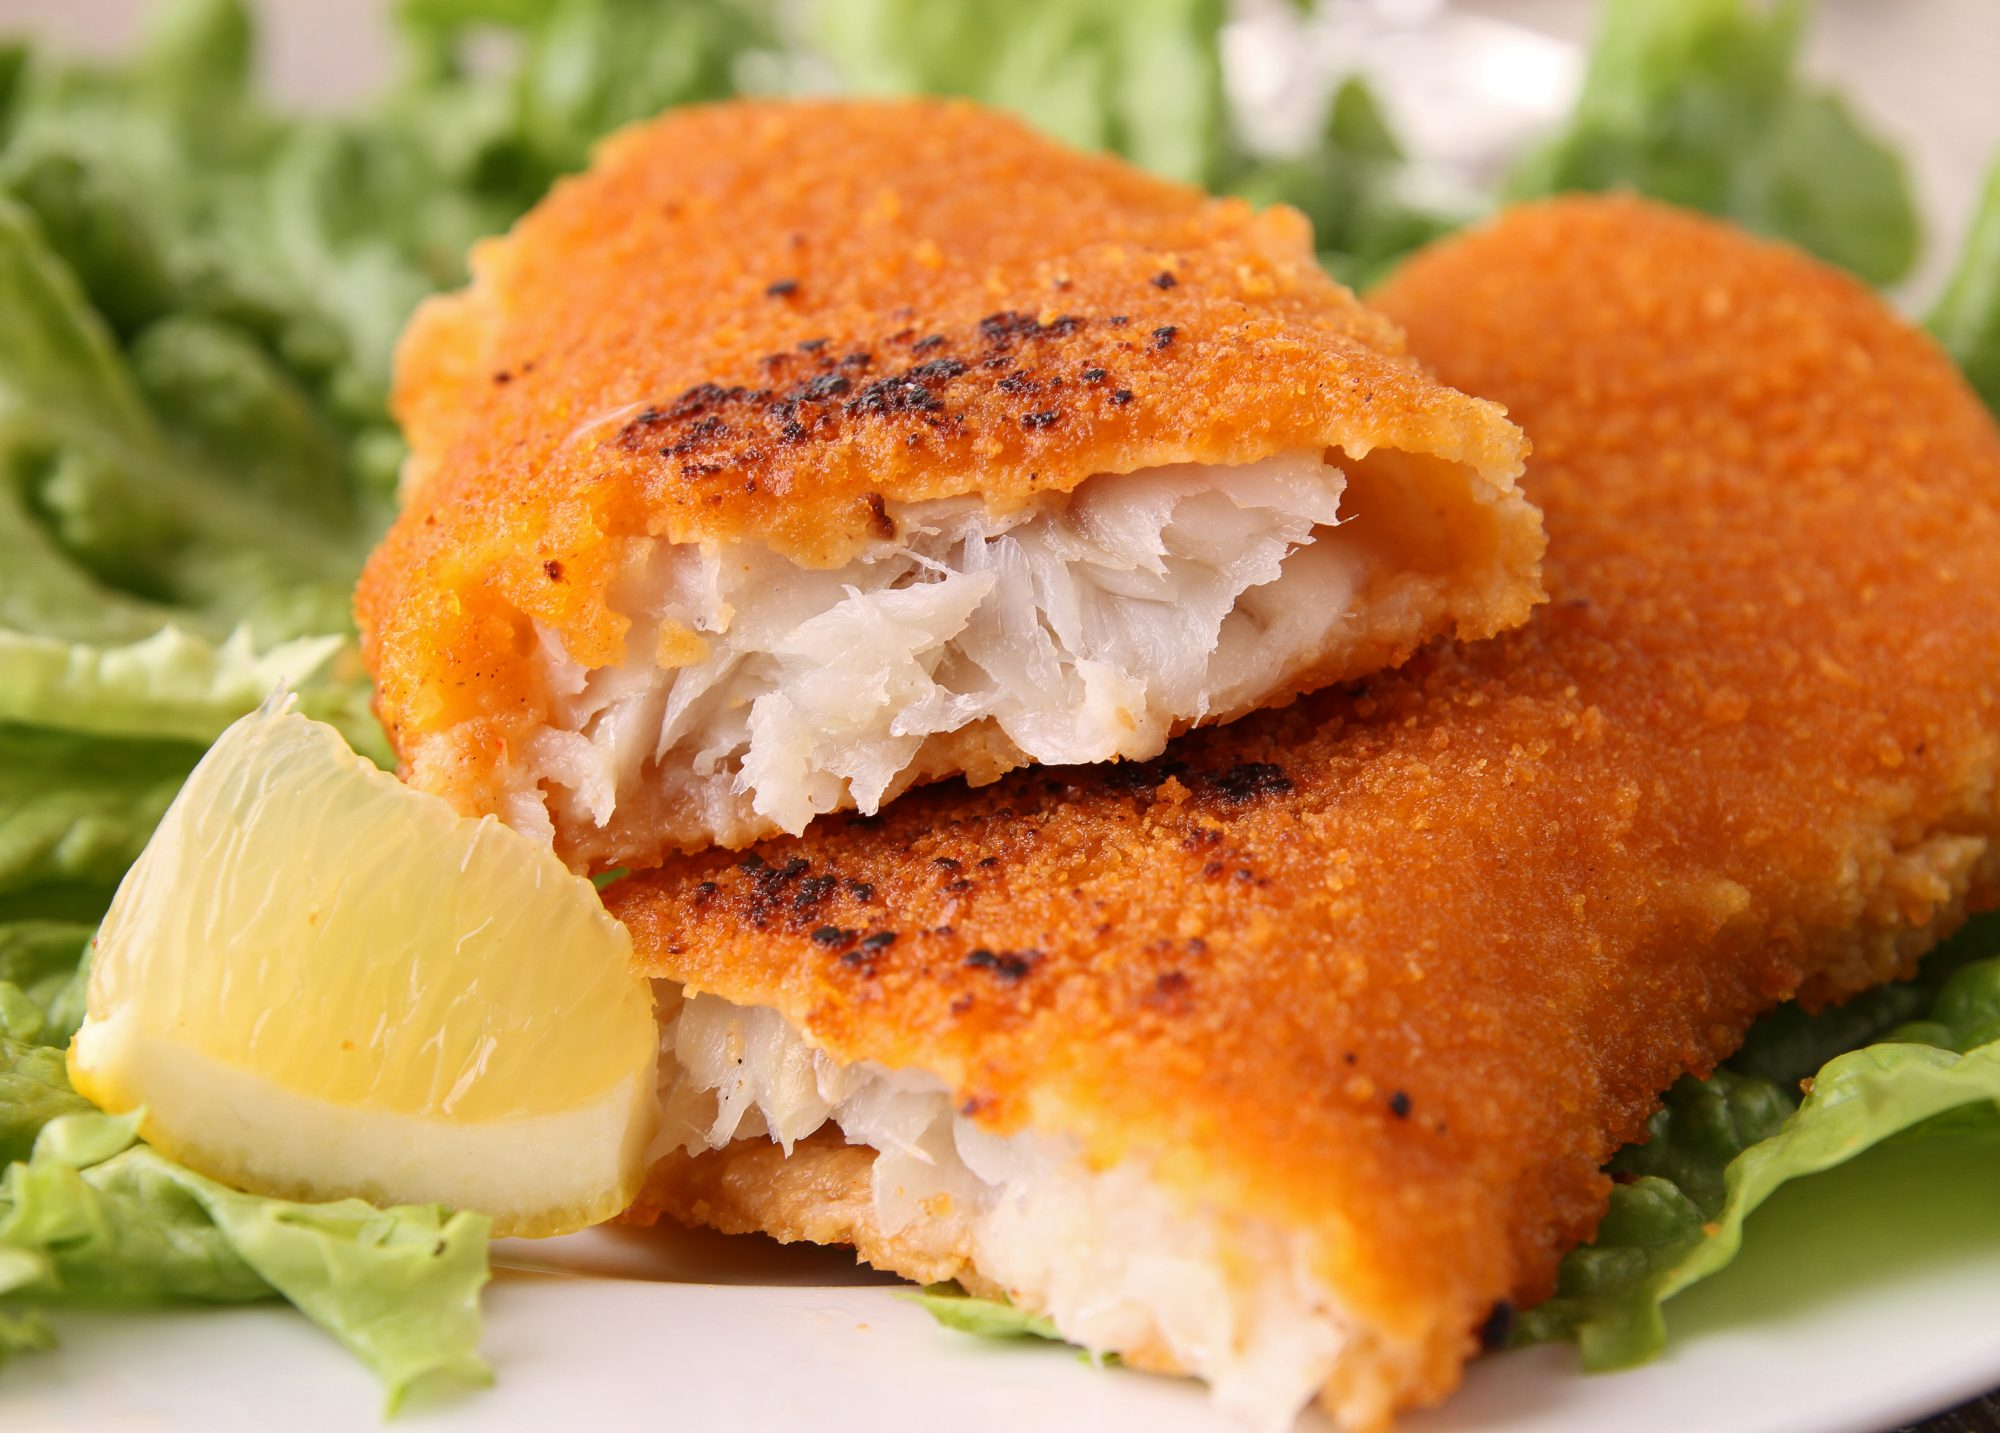 Filete de pescado empanizado con aderezo tipo ranch